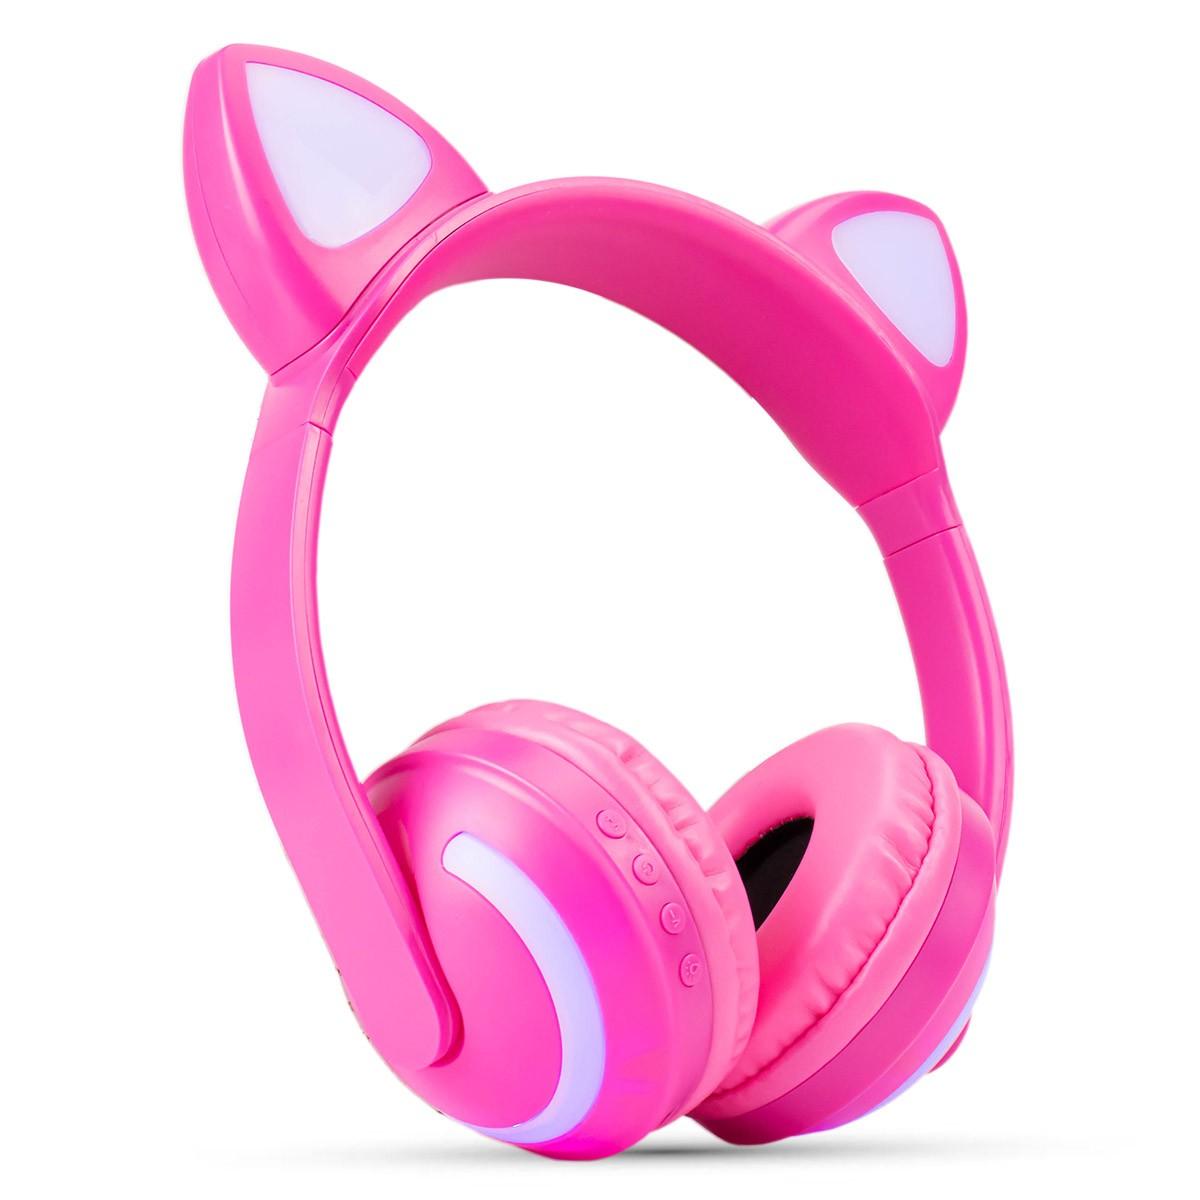 Fone de Ouvido Headphone Bluetooth Orelhas de Gato com LED XTrad LC-831